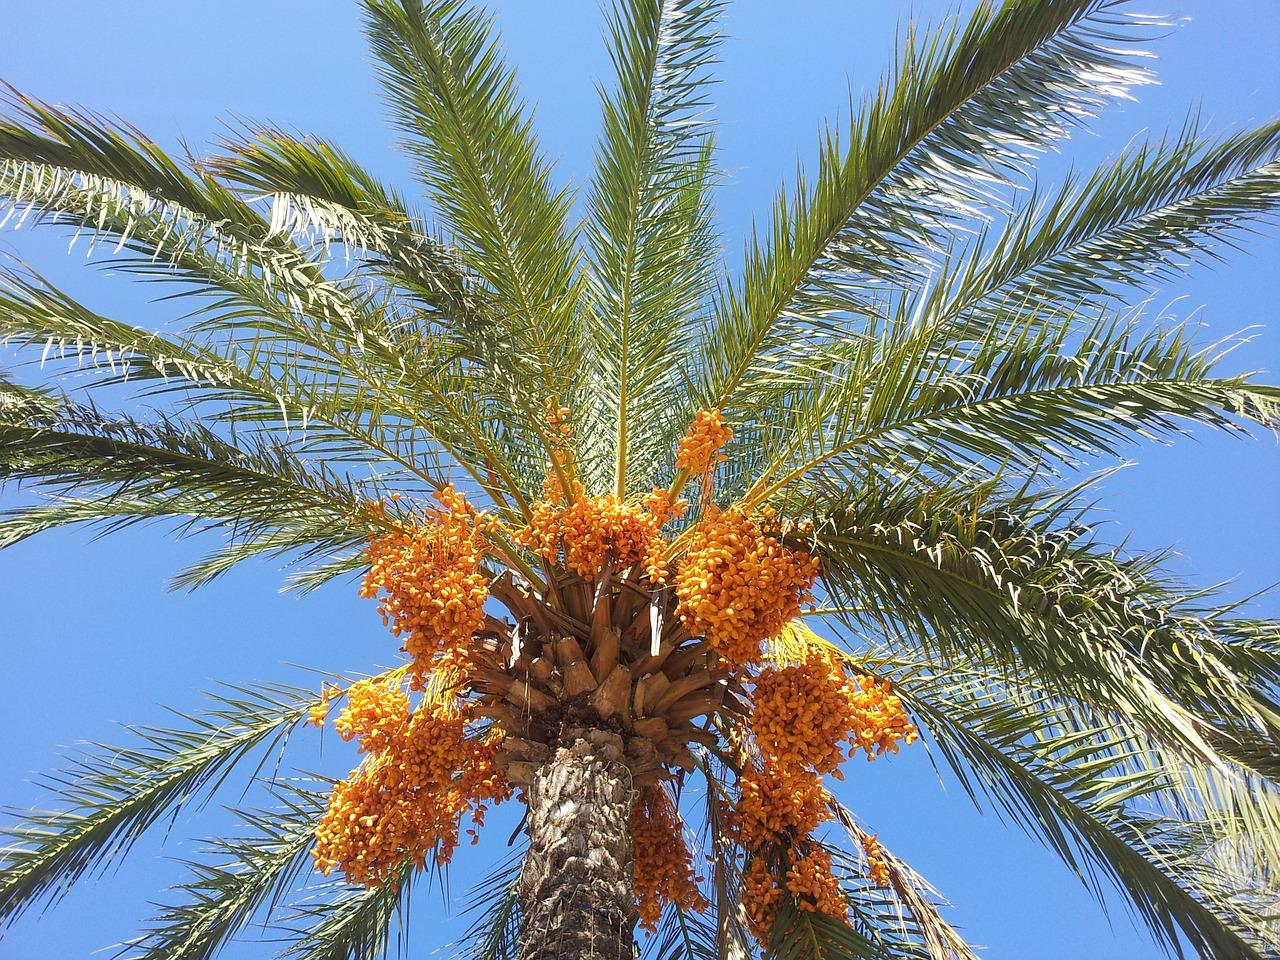 La datilera es una palmera del desierto